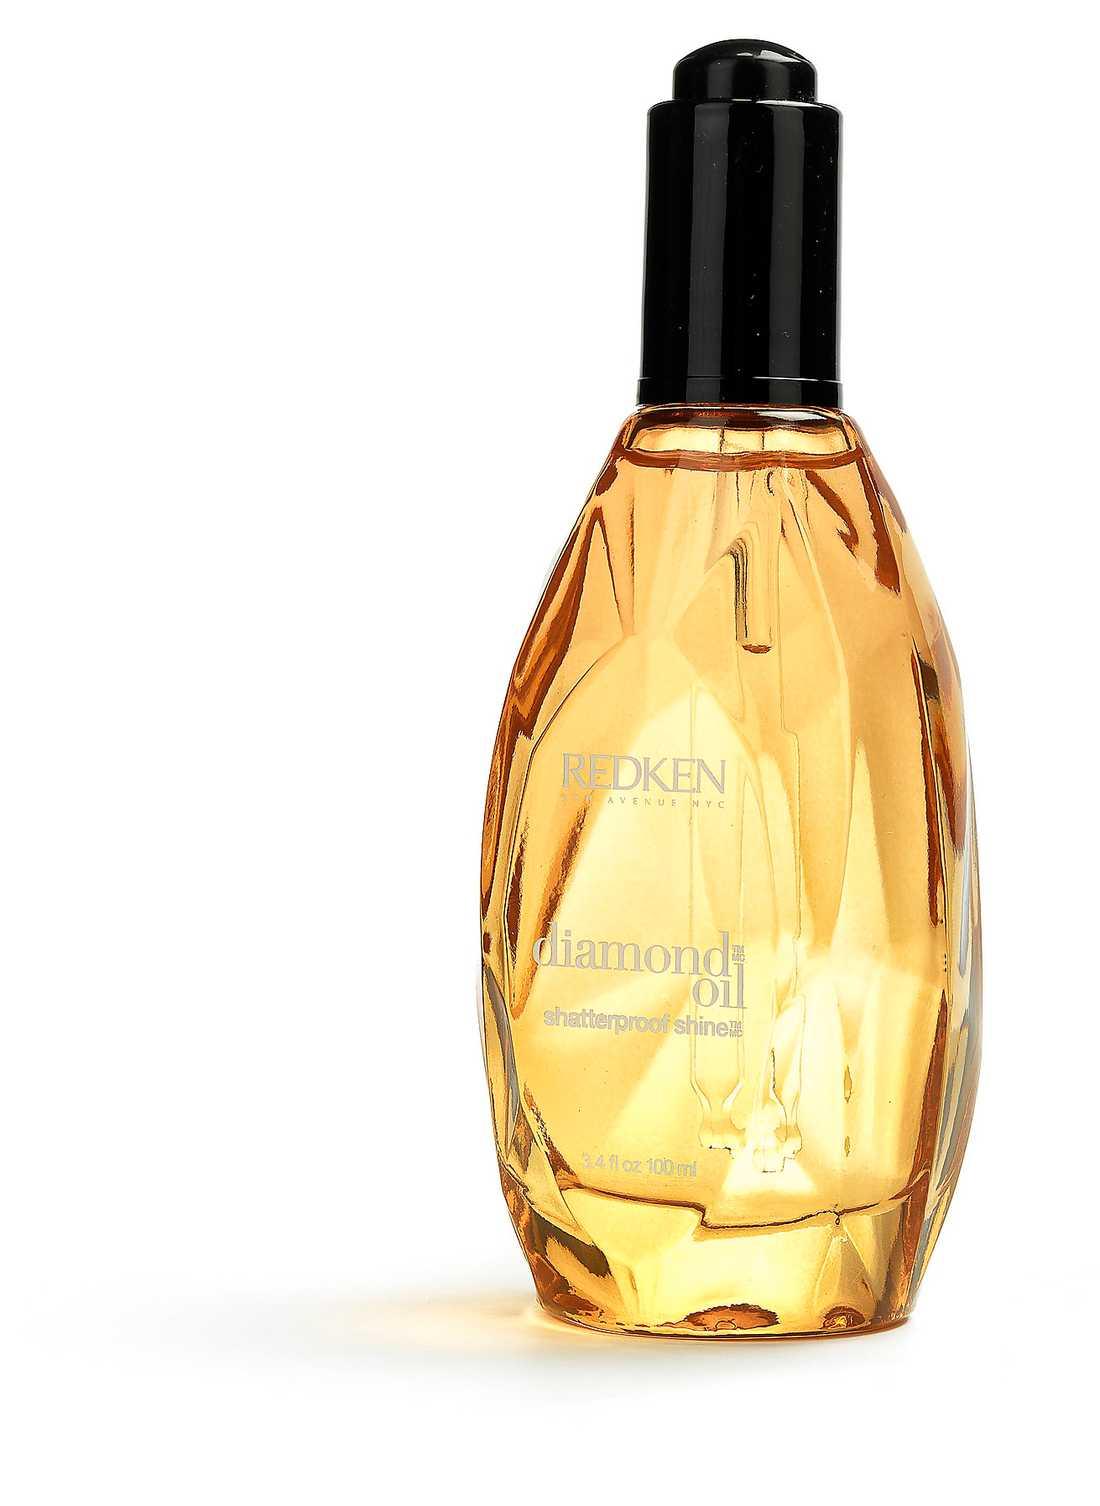 """""""Diamond oil shatterproof shine"""" från Redken för 360 kronor är en hårolja med smart droppapplicering som gör håret blankt, lättformat och frizzfritt."""